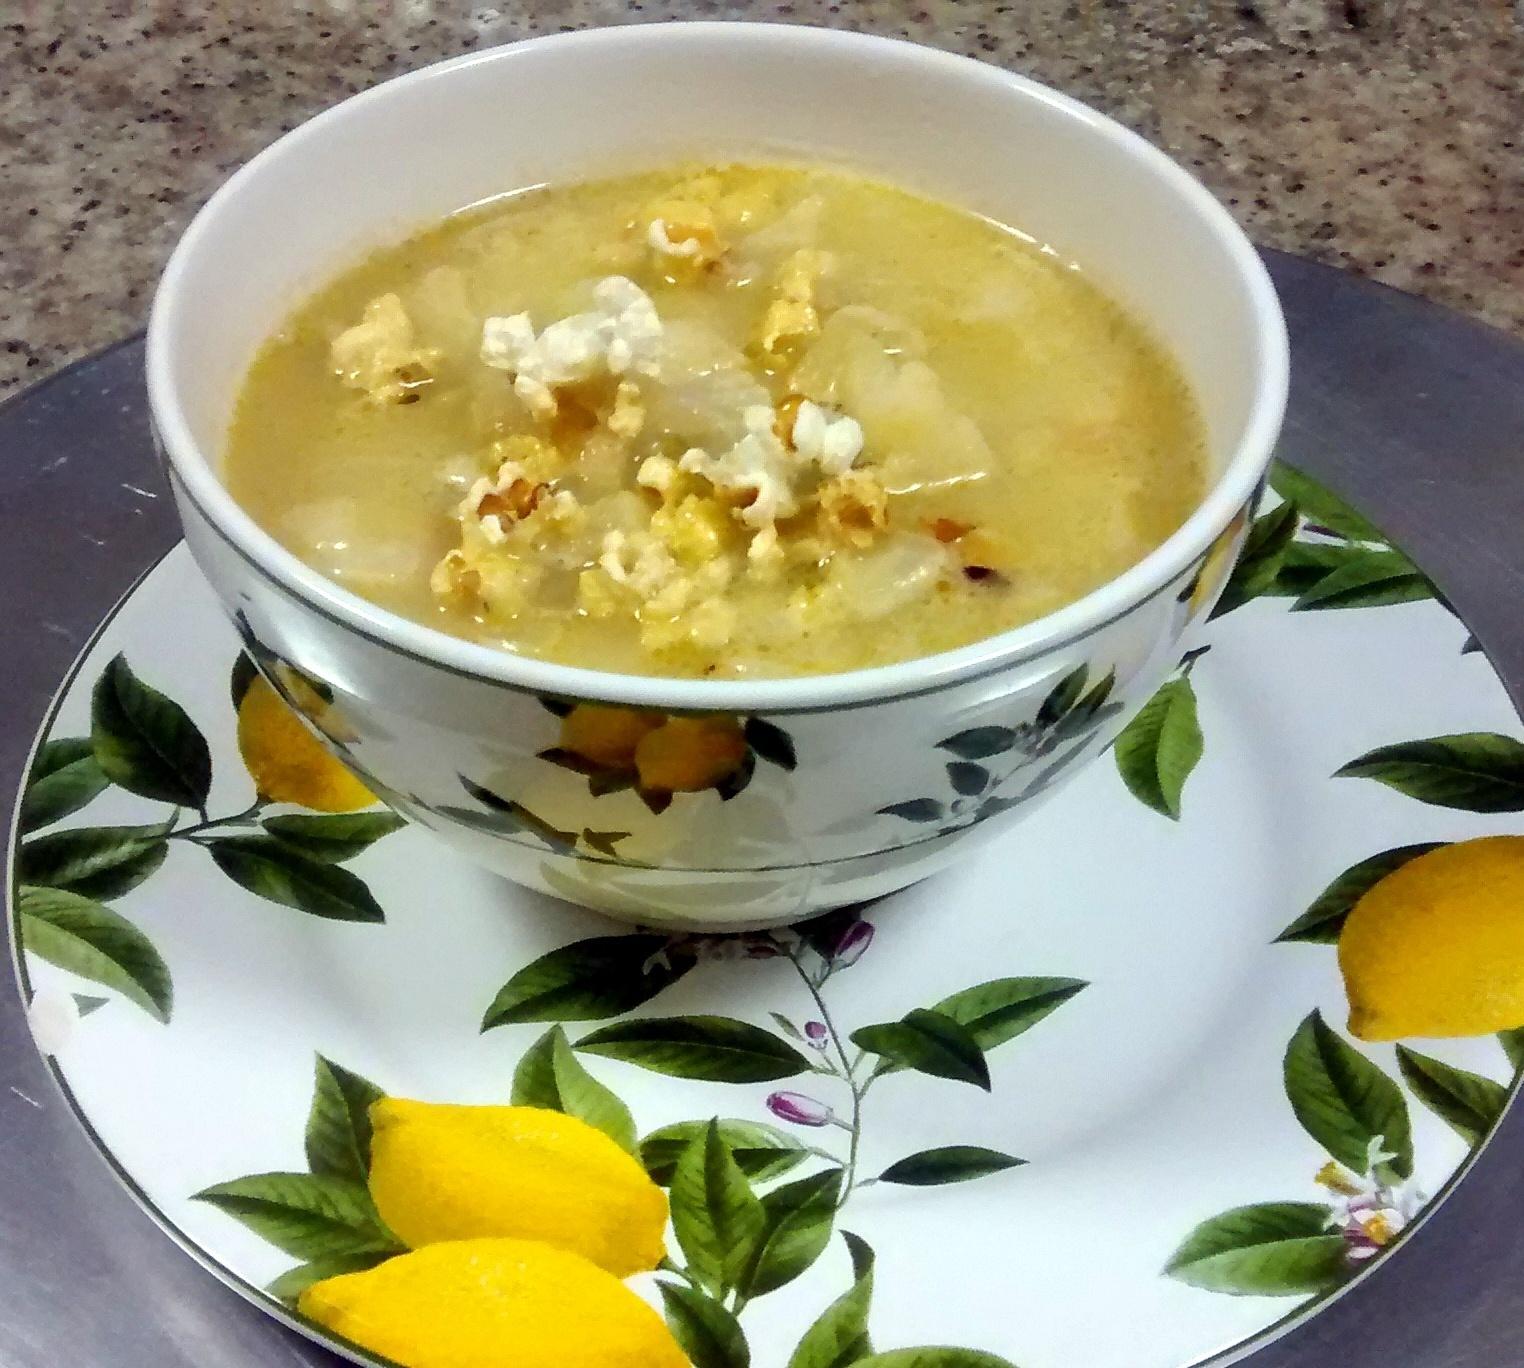 Essa sopa de couve-flor com gorgonzola é muito gostosa e nutritiva